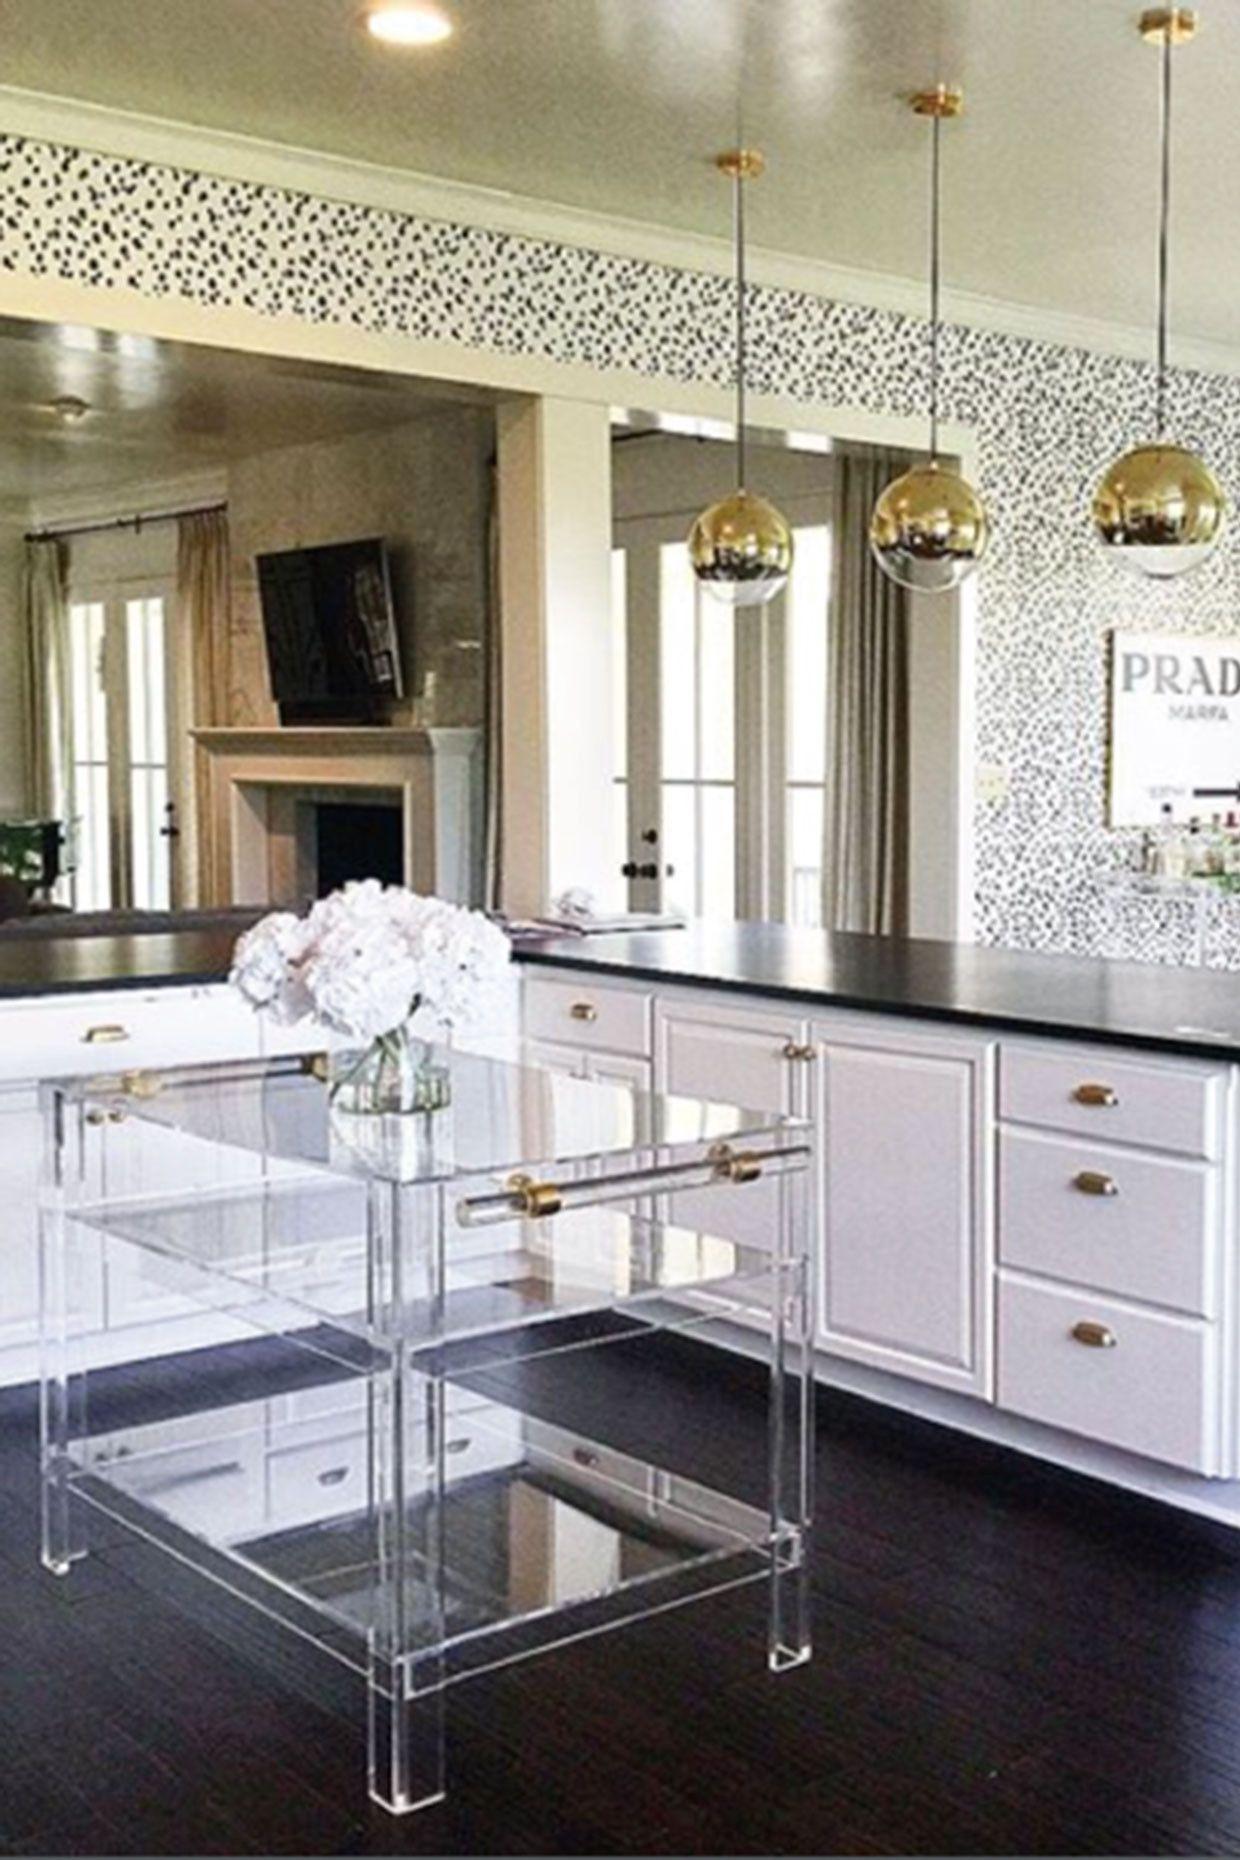 Custom Lucite Island | Küche esszimmer, Esszimmer und Küche